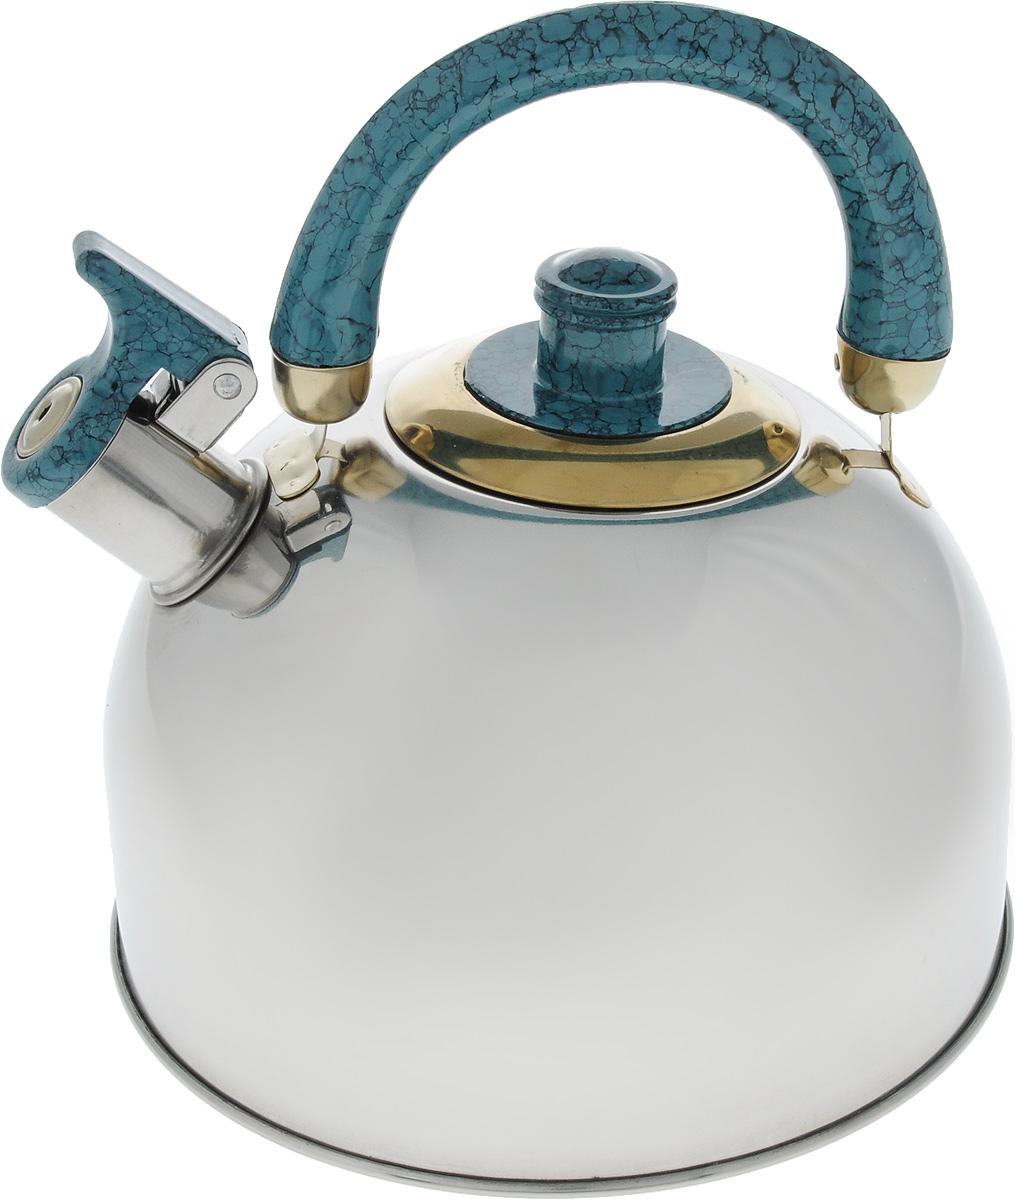 Чайник Mayer & Boch, цвет: стальной, бирюзовый, золотой, 4 л. 1046A54 009312Чайник Mayer & Boch изготовлен из высококачественной нержавеющей стали с зеркальной полировкой, что делает его весьма гигиеничным и устойчивым к износу при длительном использовании. Гладкая и ровная поверхность существенно облегчает уход за посудой. Выполненный из качественных материалов чайник при кипячении сохраняет все полезные свойства воды. Носик чайника имеет откидной свисток, звуковой сигнал которого подскажет, когда закипит вода. Крышка, свисток и ручка выполнены из бакелита.Классический дизайн чайника Mayer & Boch дополнит любую кухню. Подходит для использования на всех типах кухонных плит, кроме индукционных.Высота чайника (с учетом ручки): 21 см. Высота чайника (без учета ручки и крышки): 12 см. Диаметр по верхнему краю: 8,5 см.